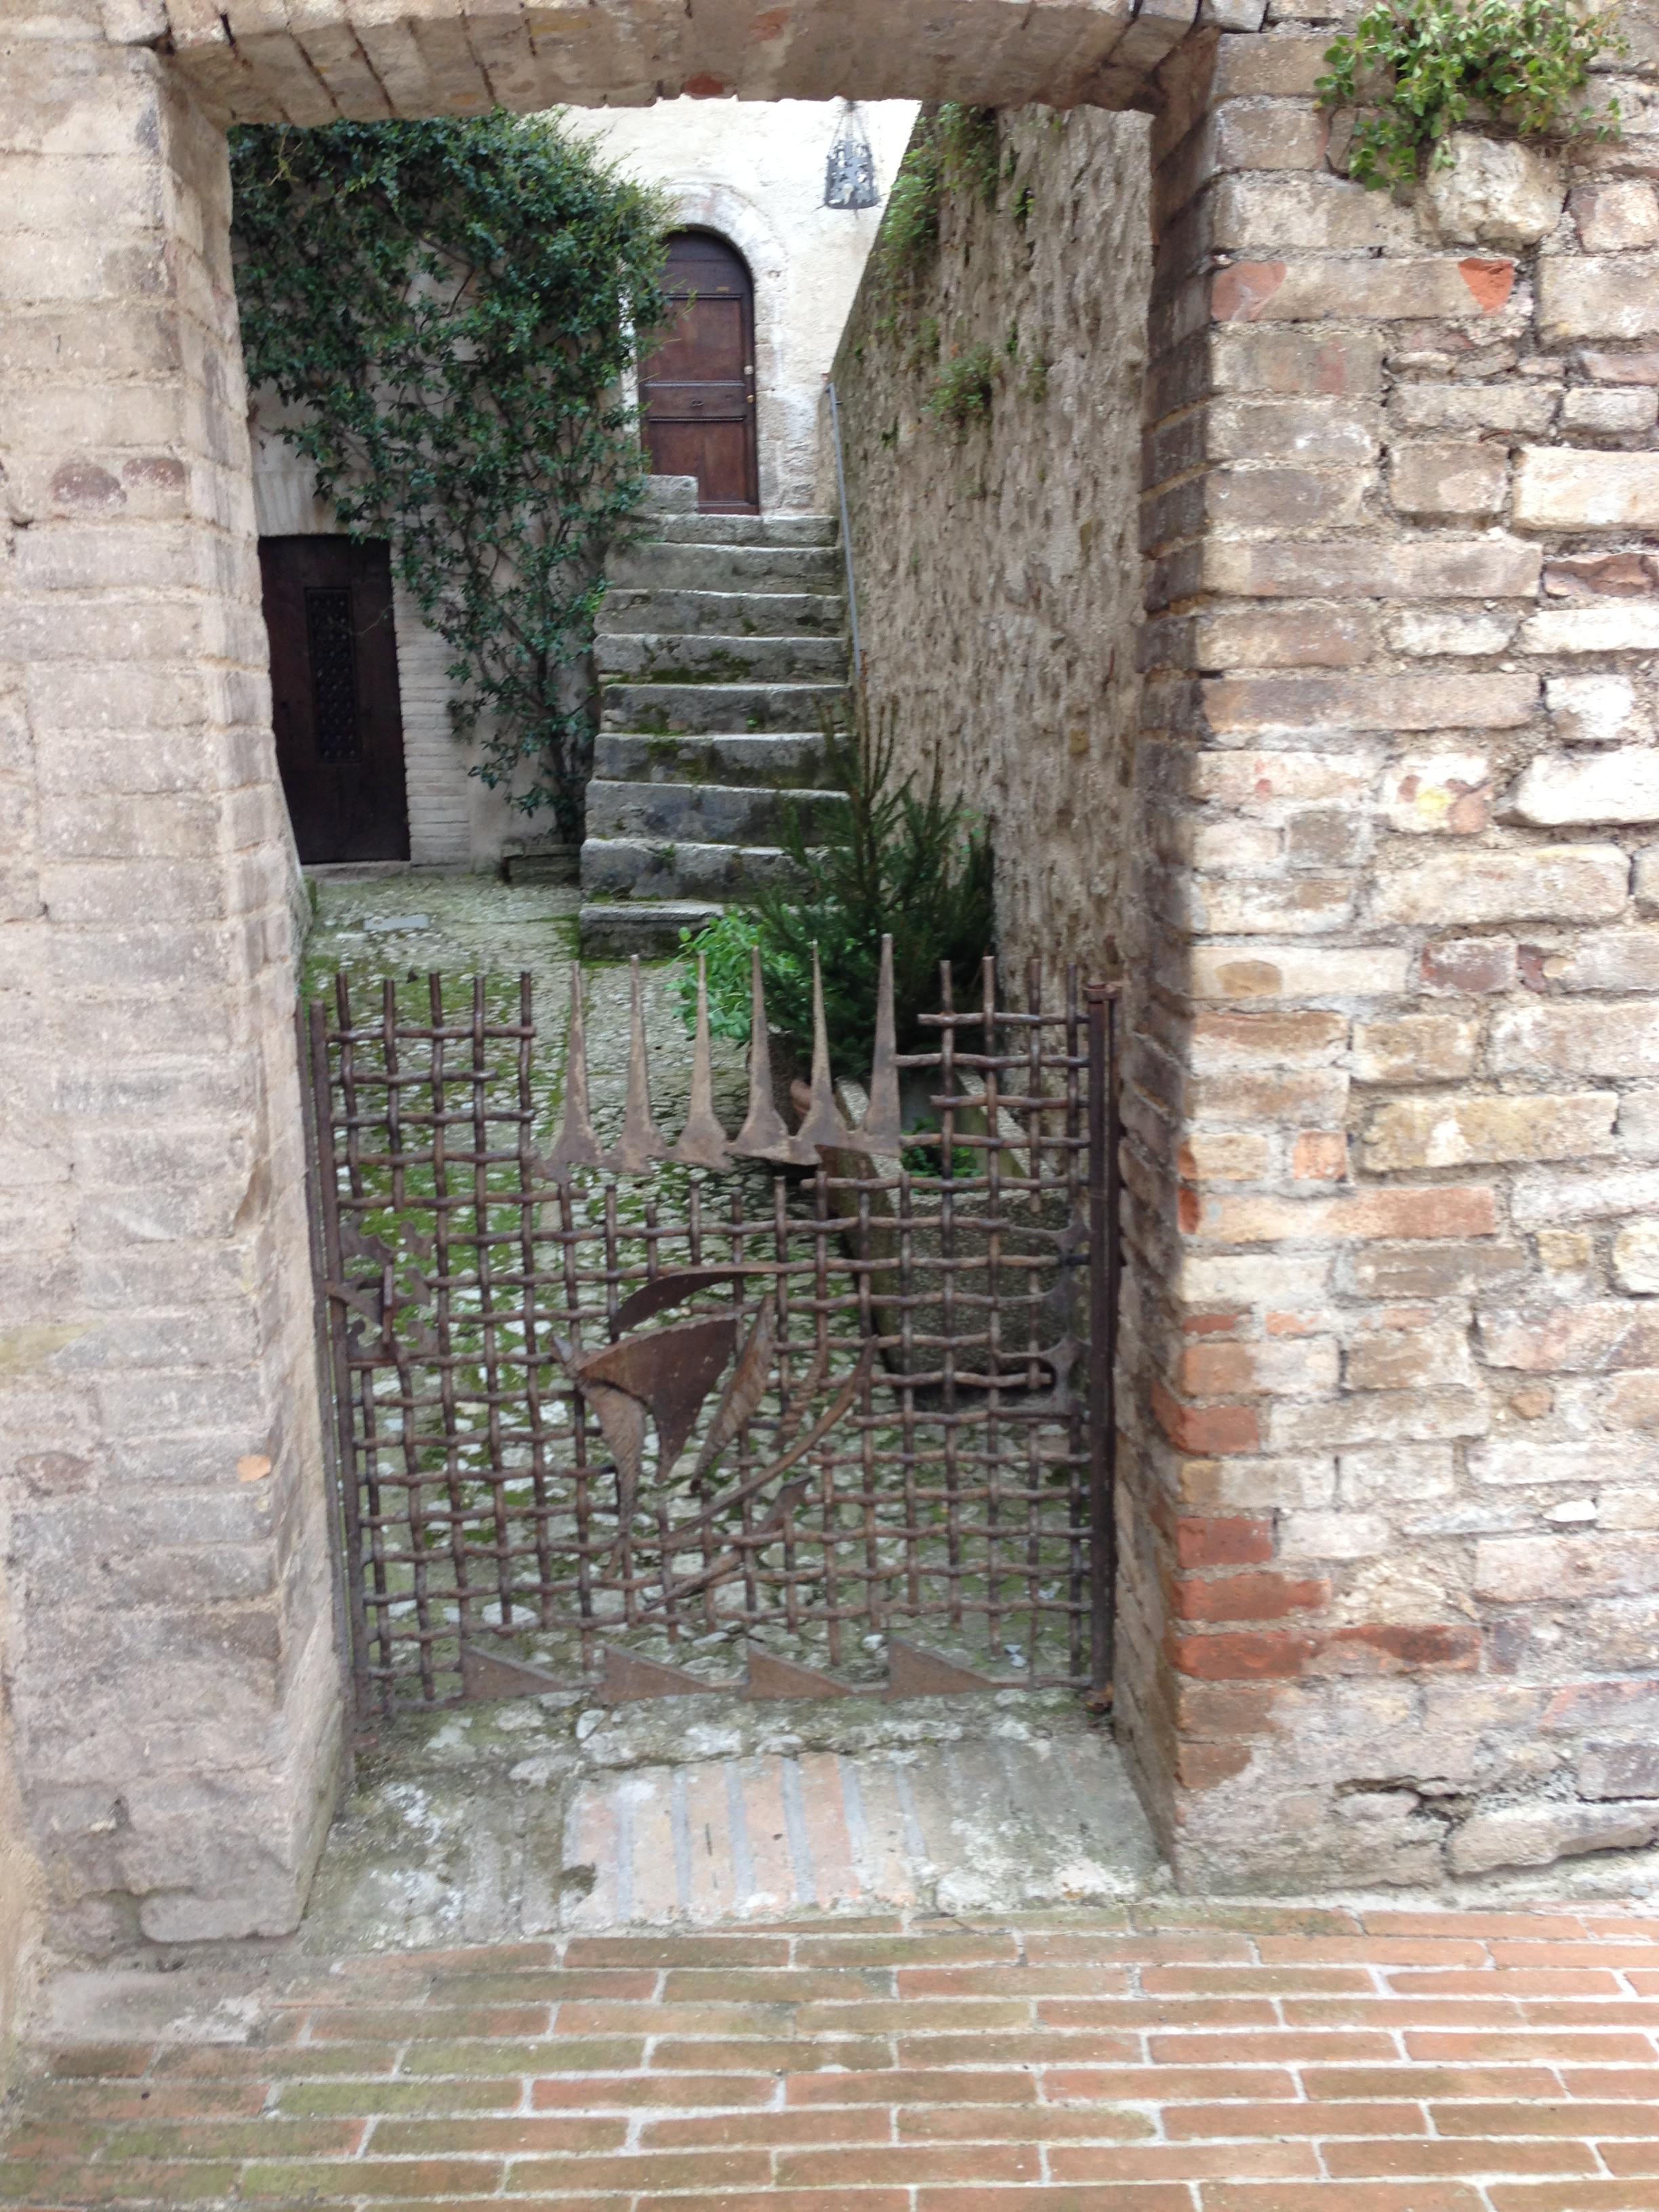 Nino Franchina, hek, Via del Duomo, Spoleto. Foto Manuelarosi